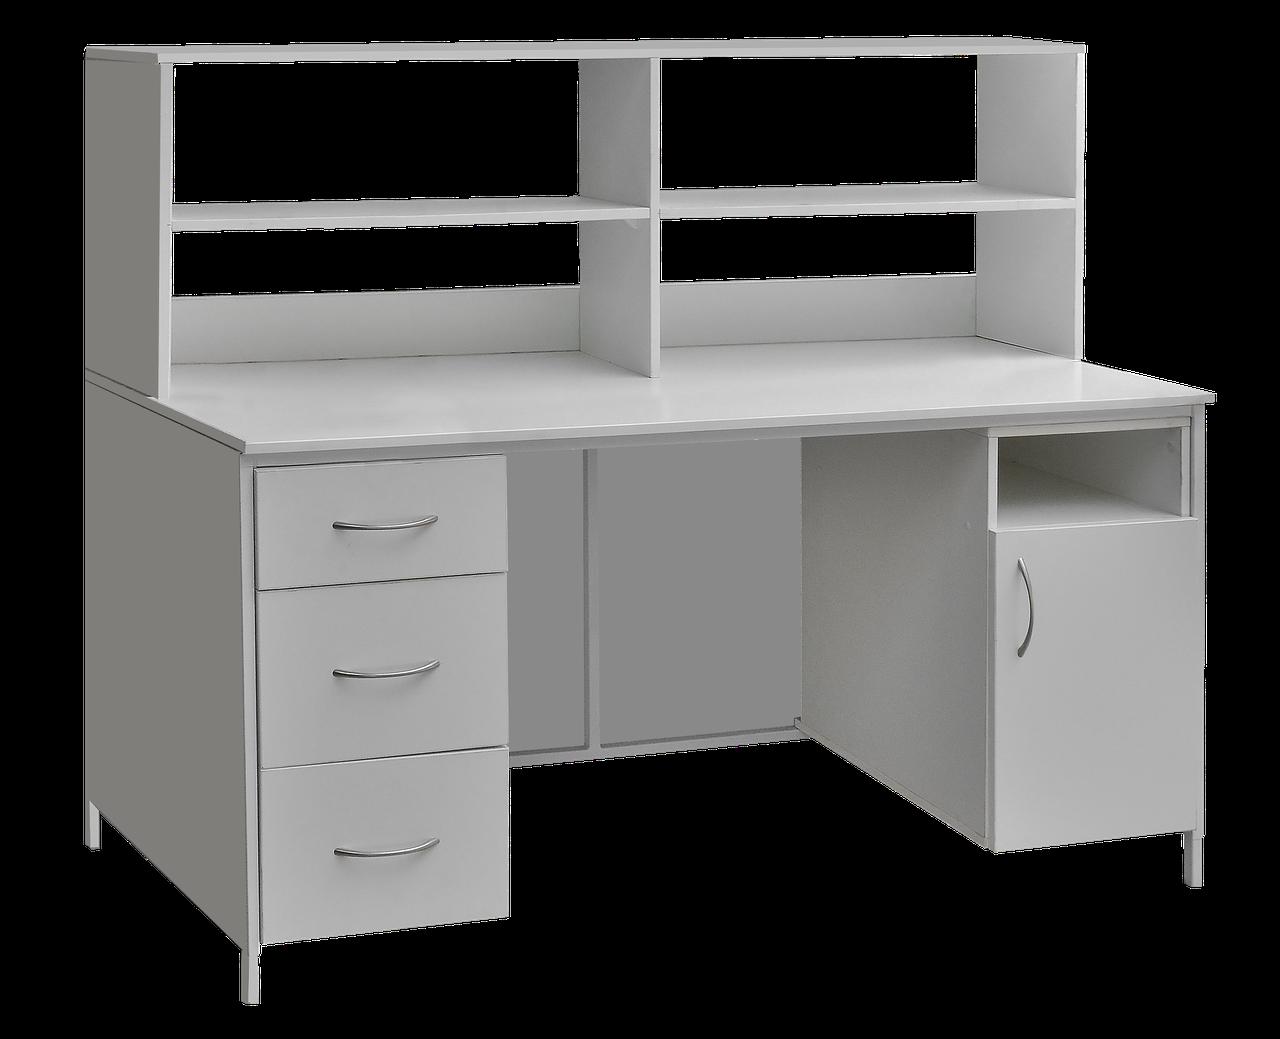 Стол лабораторный с выдвижными ящиками, закрывающейся тумбой и верхней надстройкой сл-001 медицинский Завет